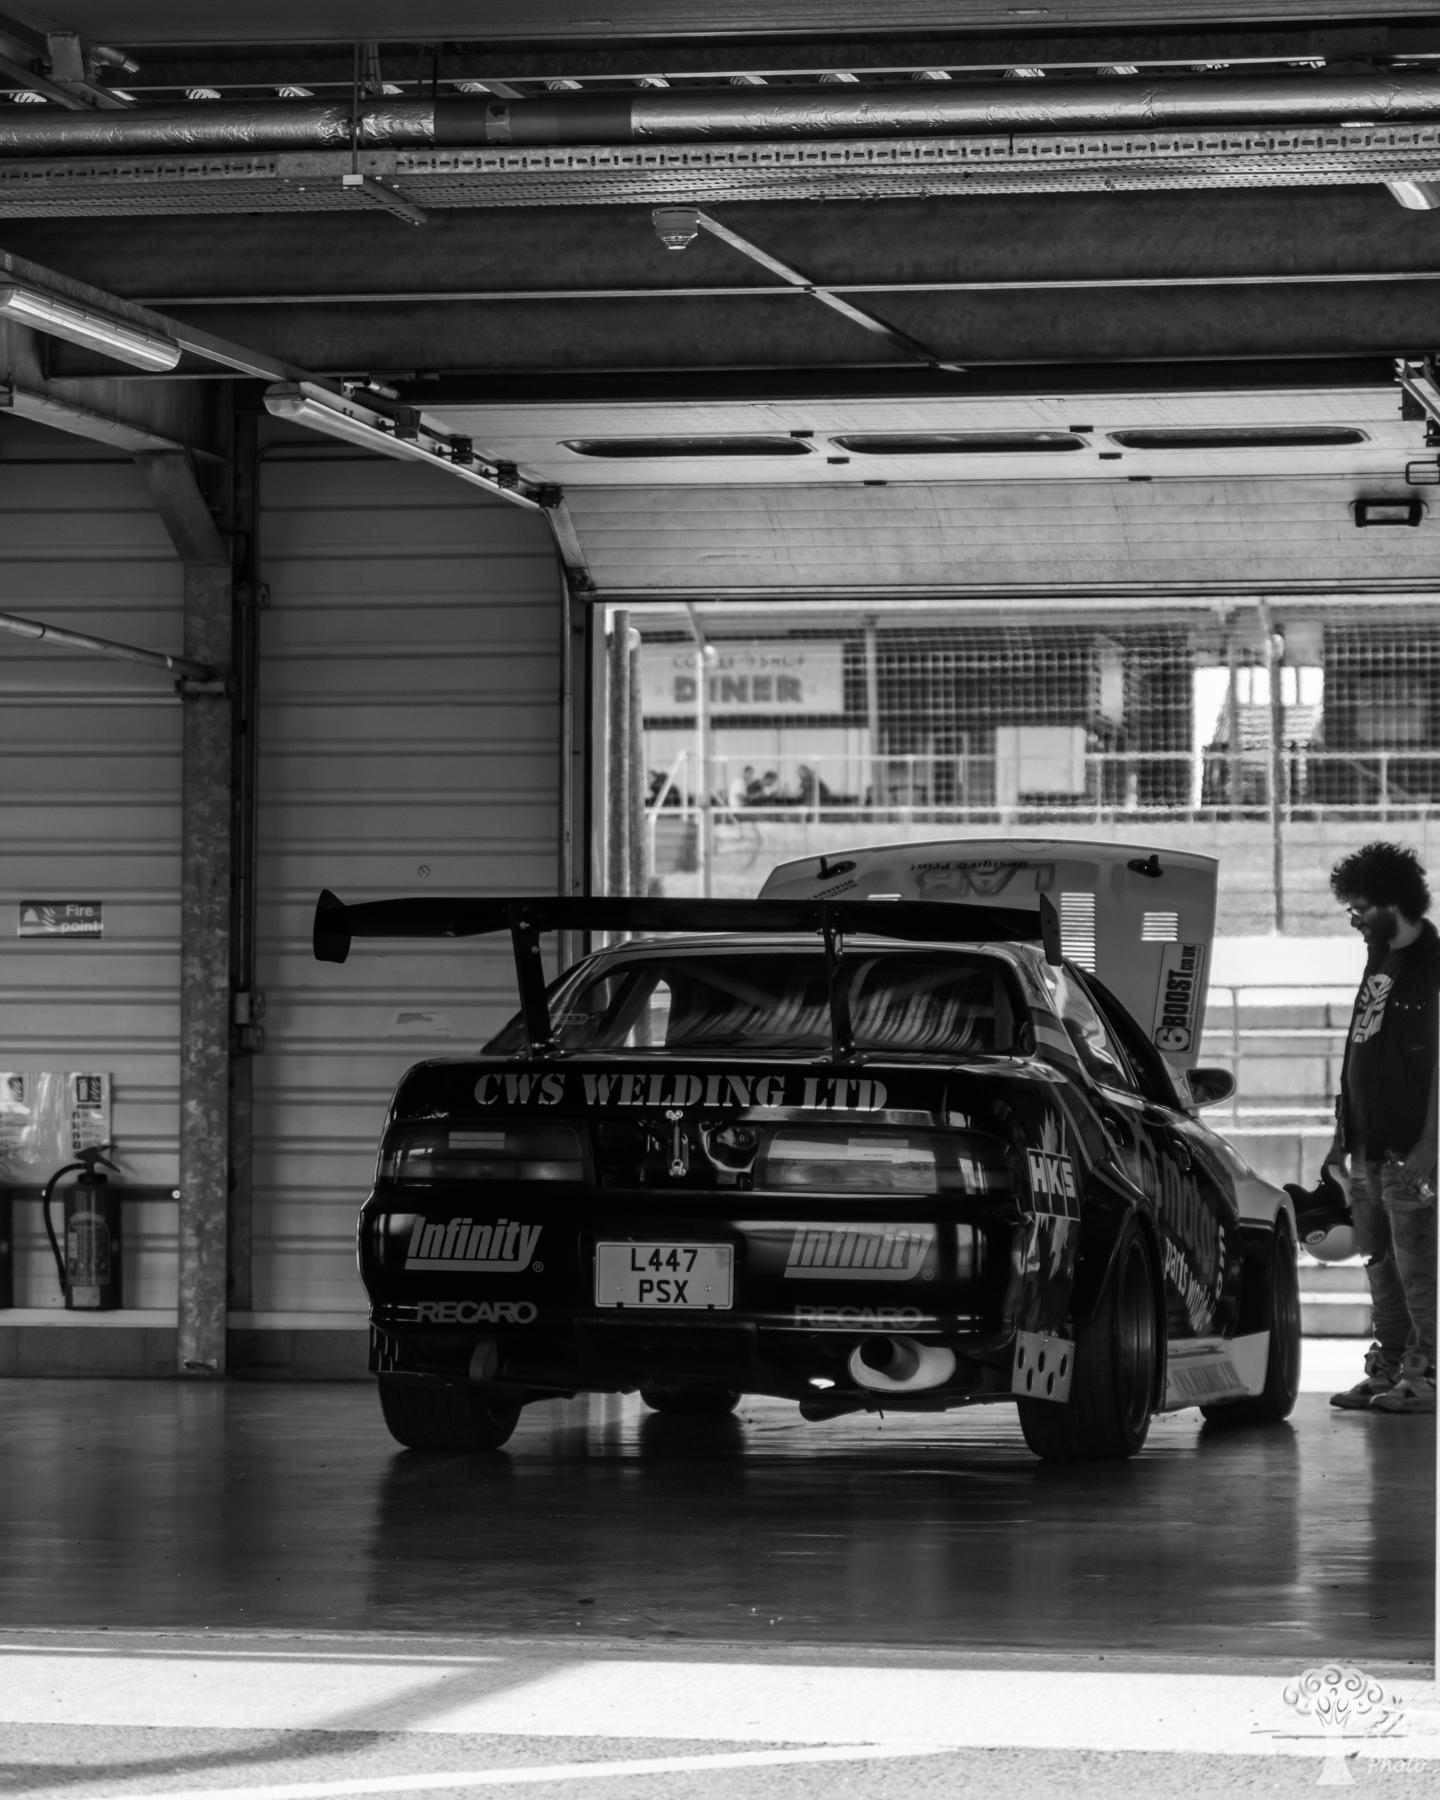 Oak Photo Automotive Photography – North East, Durham, Sunderland, Cleveland, Newcastle